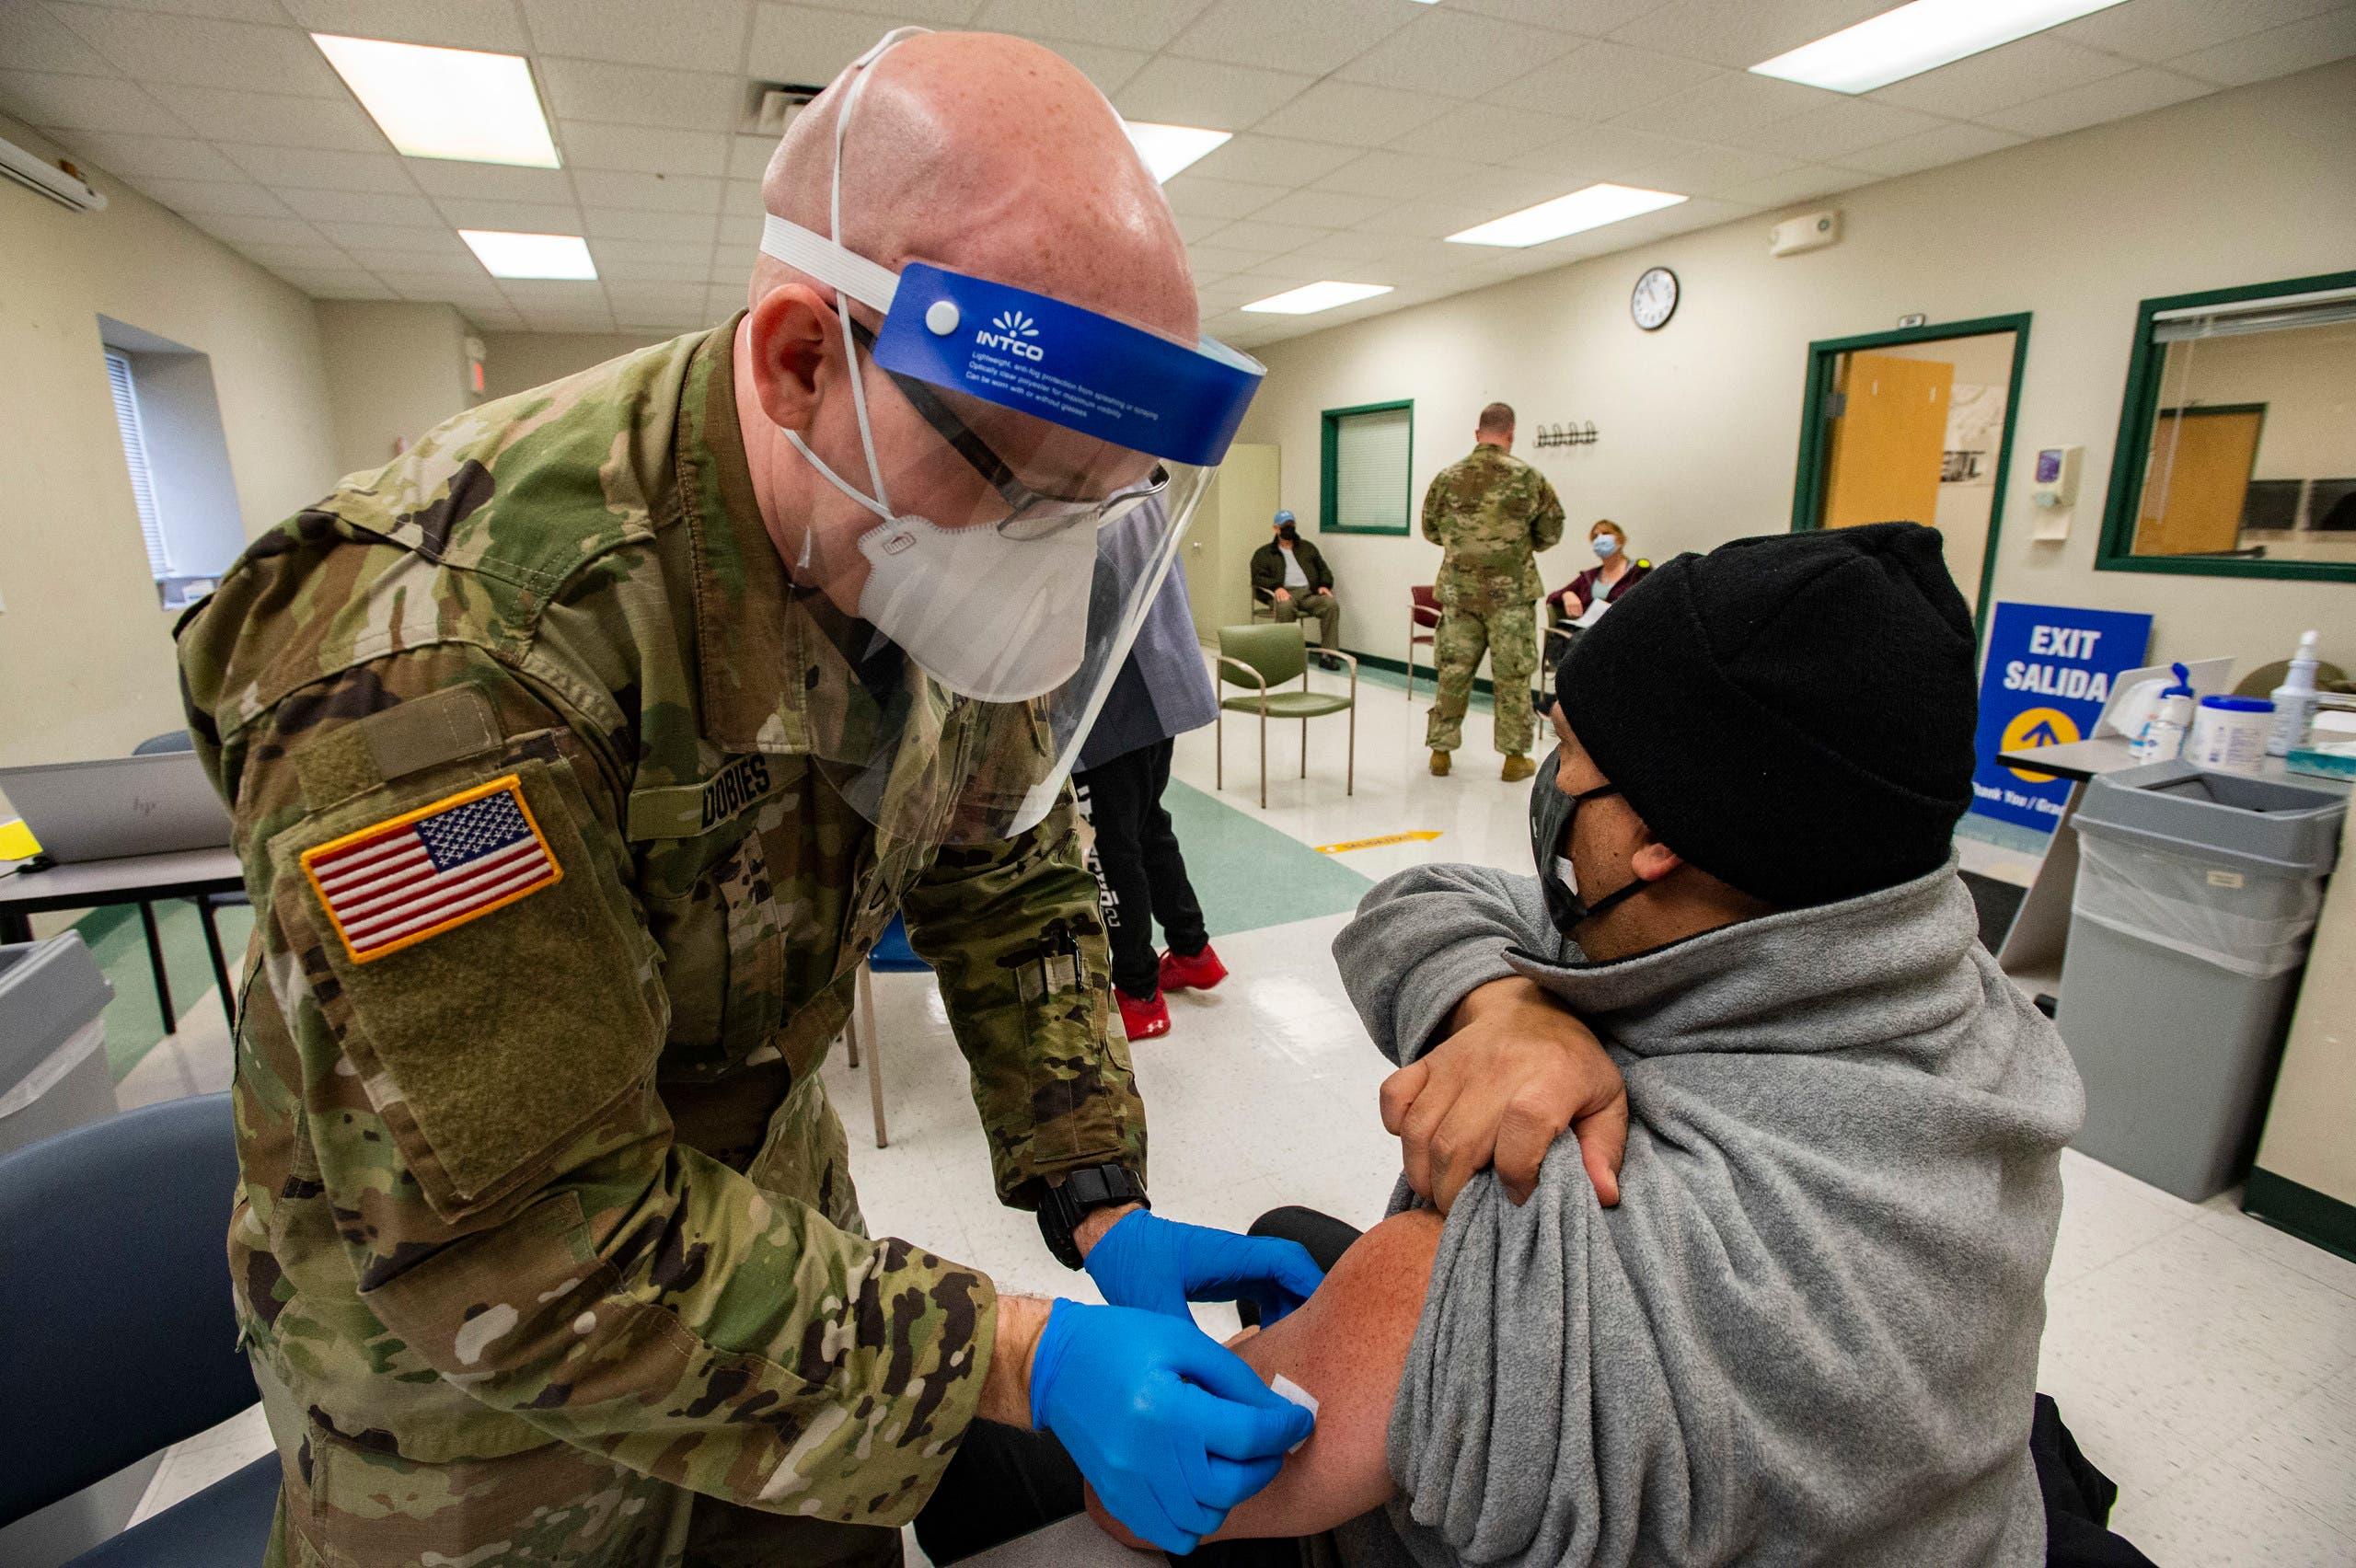 جندي أميركي يعطي جرعة من لقاح كورونا لمسن في مركز تطعيم في ماساشوستس